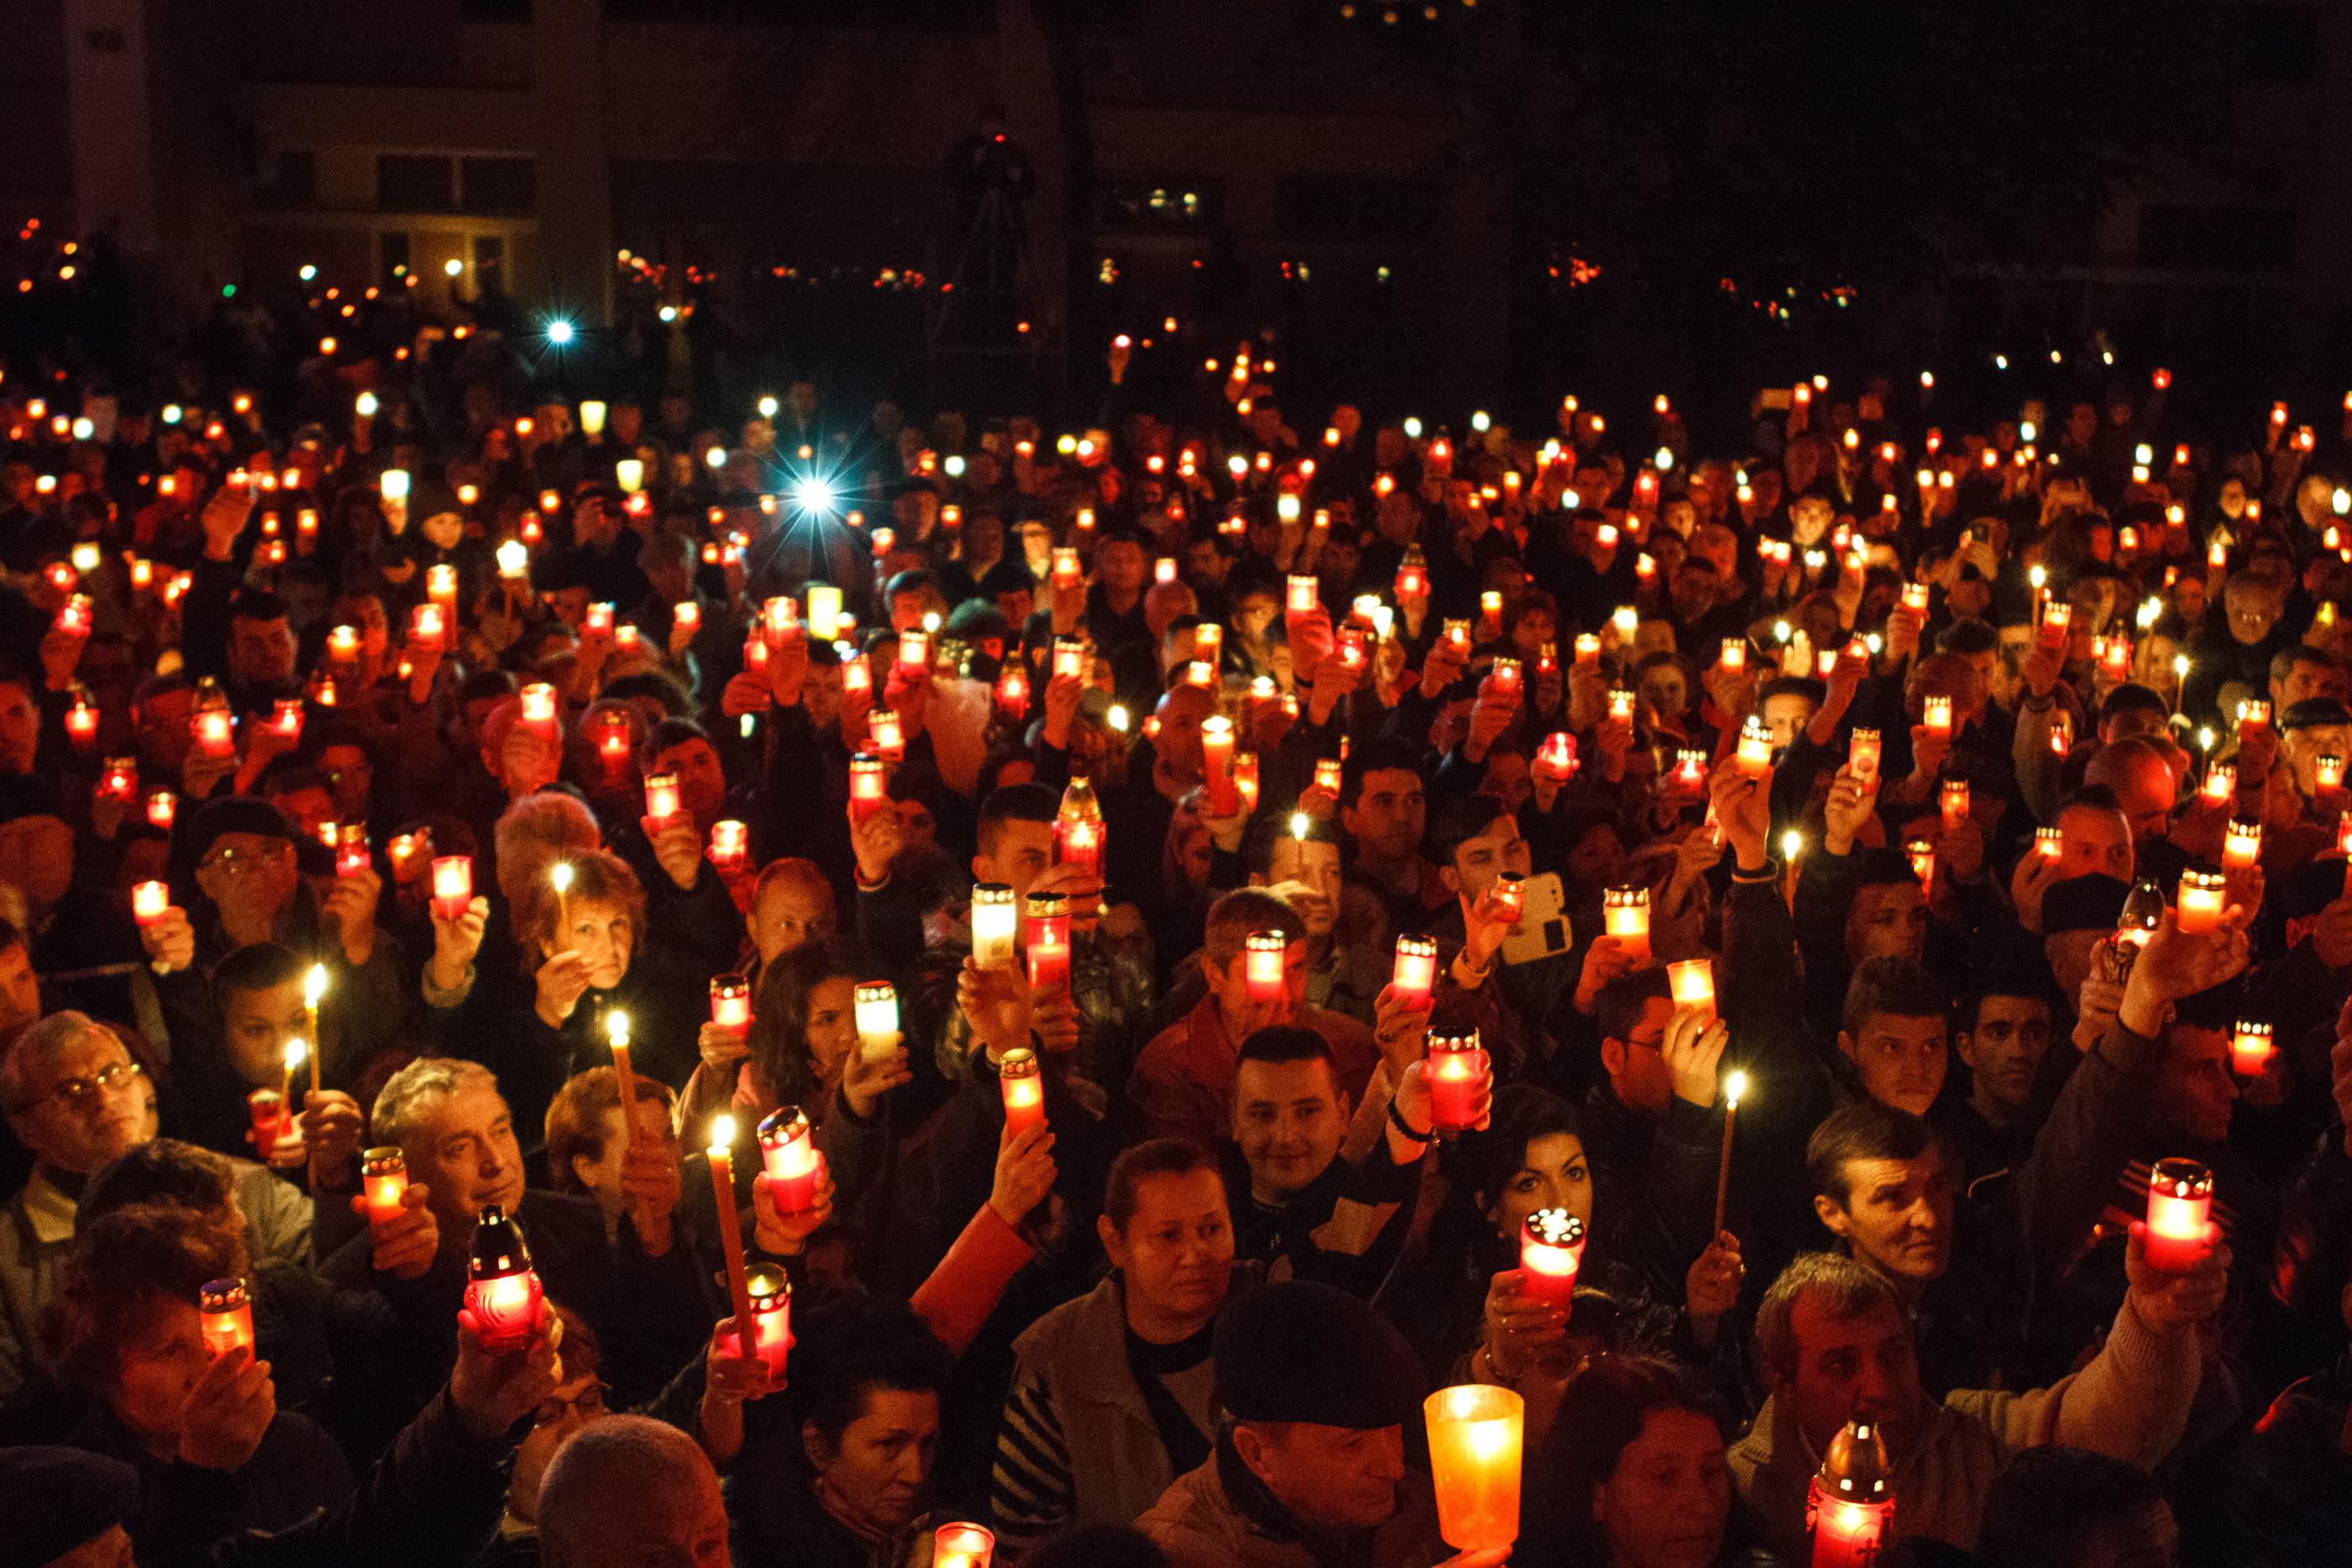 Hristos a inviat! Lumina Sfanta a ajuns in casele romanilor in direct de la Manastirea Curtea de Arges